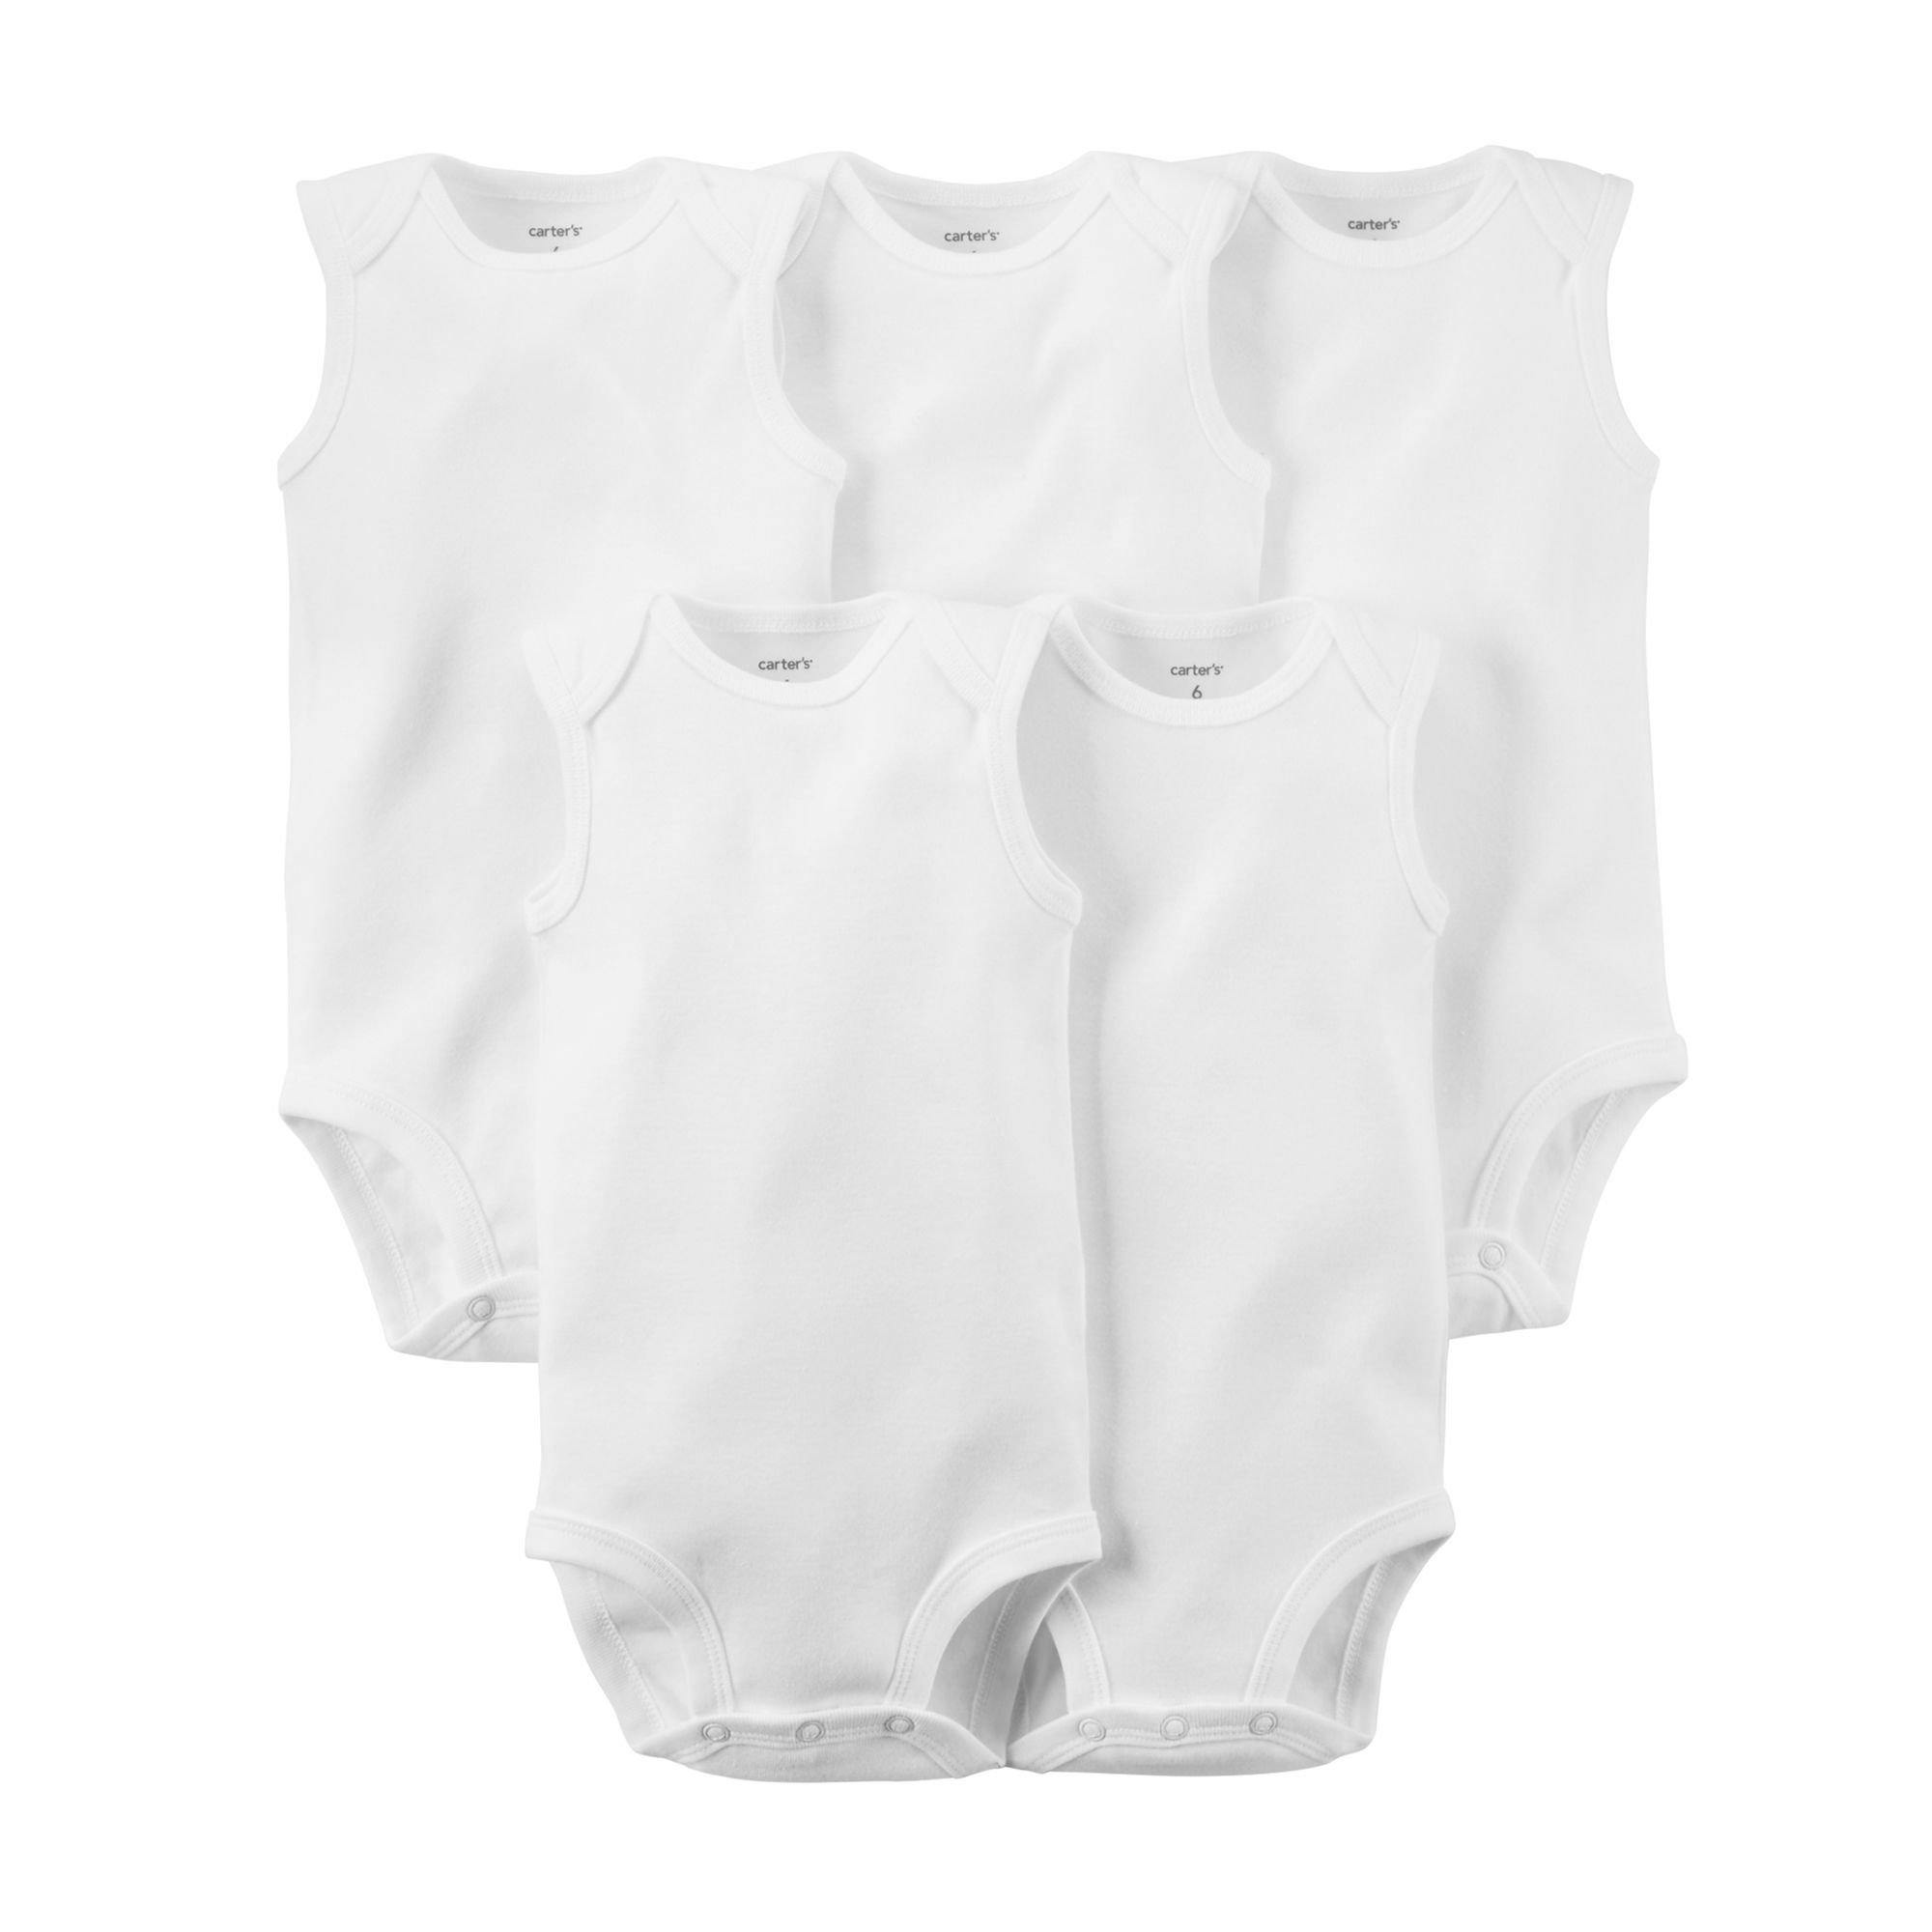 Carter's Unisex Baby 5-Pack Sleeveless Bodysuits